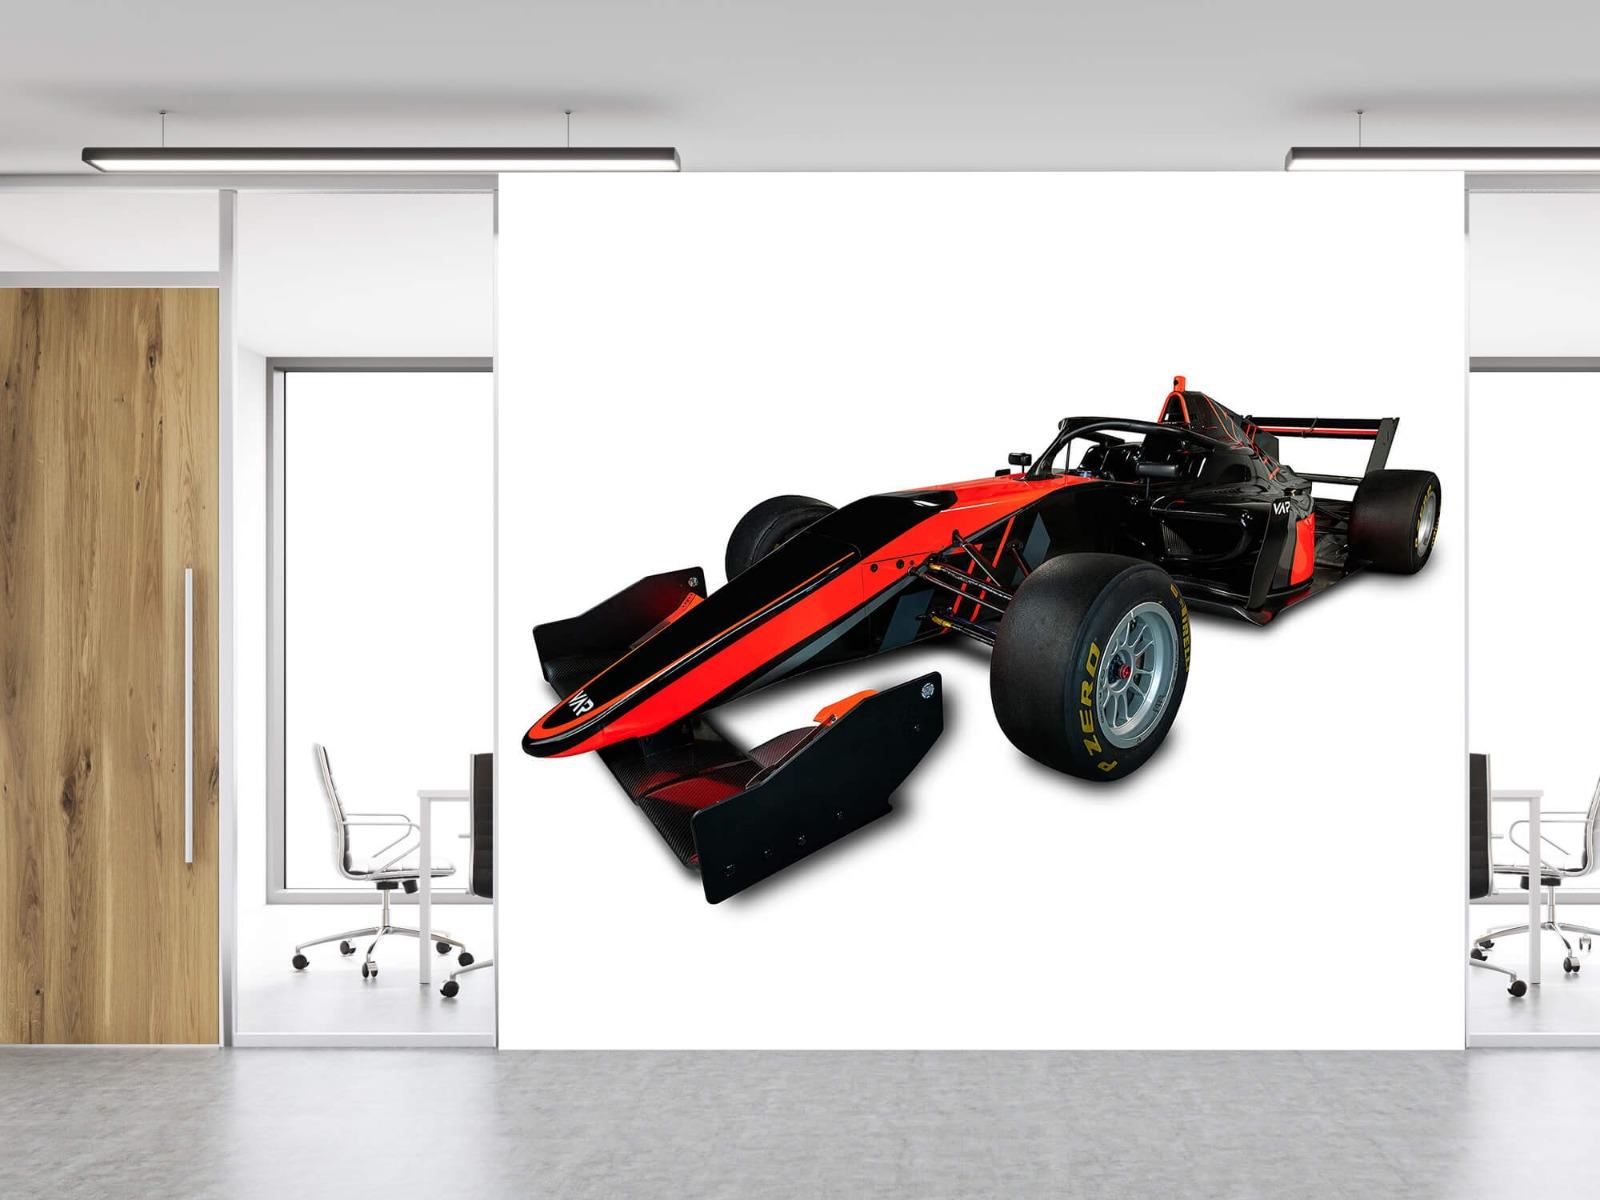 Sportauto's - Formule 3 - Left front view - Tienerkamer 11